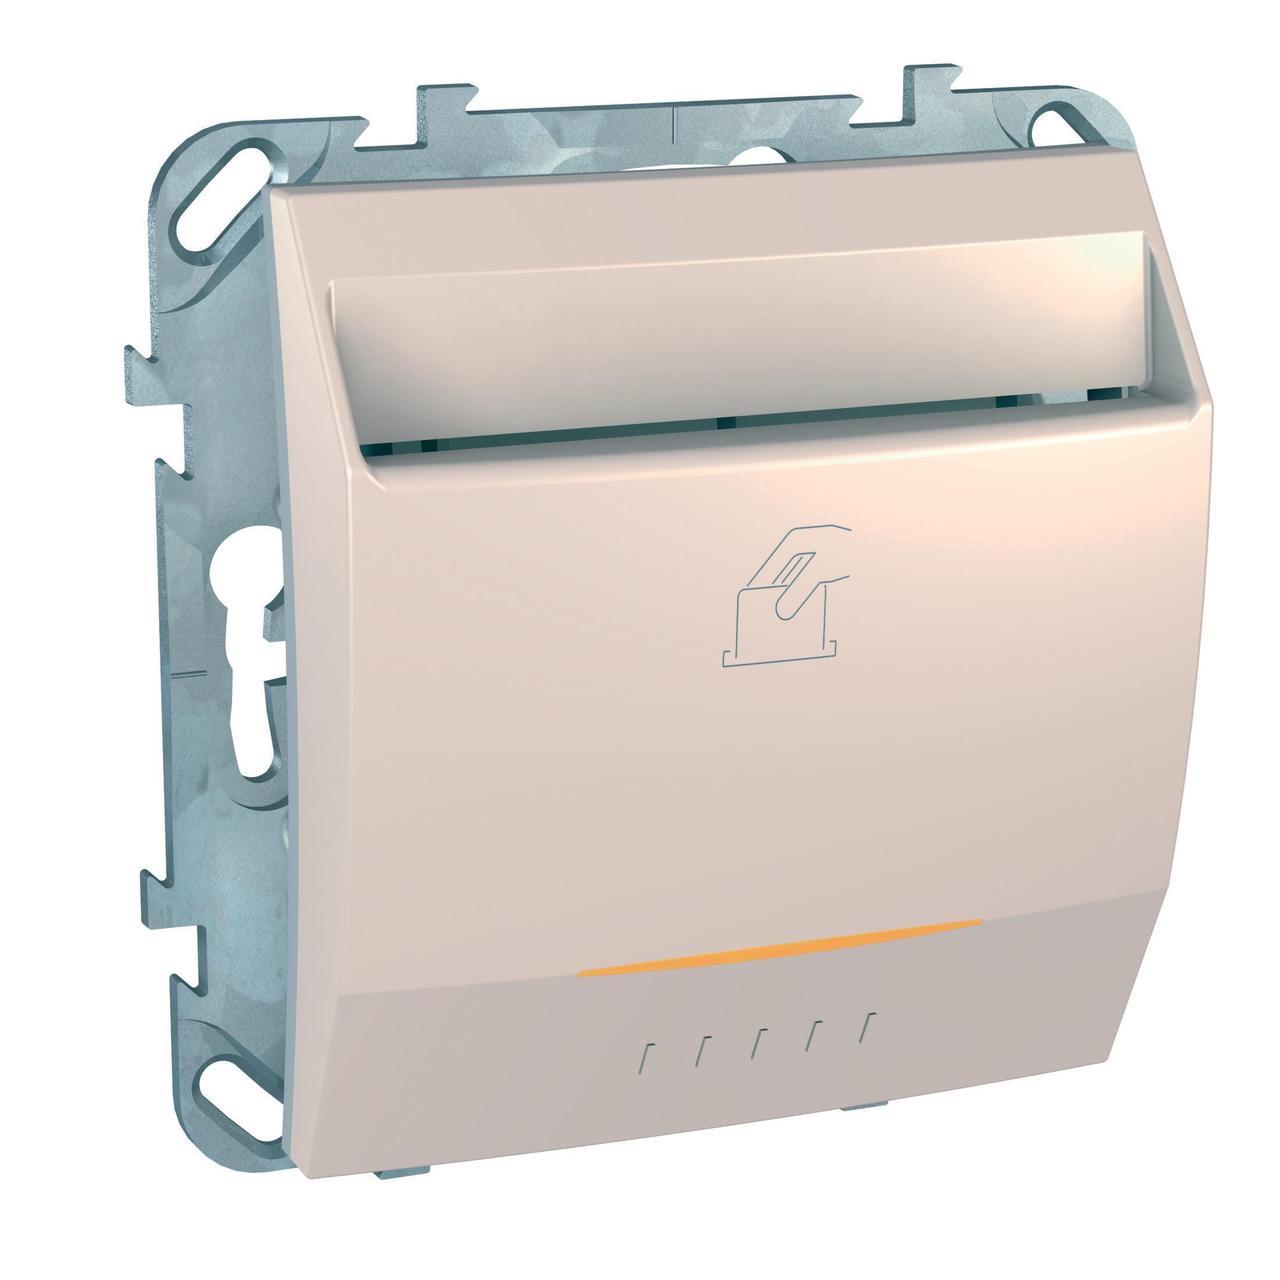 Выключатель карточный с задержкой отключения, для гостиниц , Бежевый, серия Unica, Schneider Electric